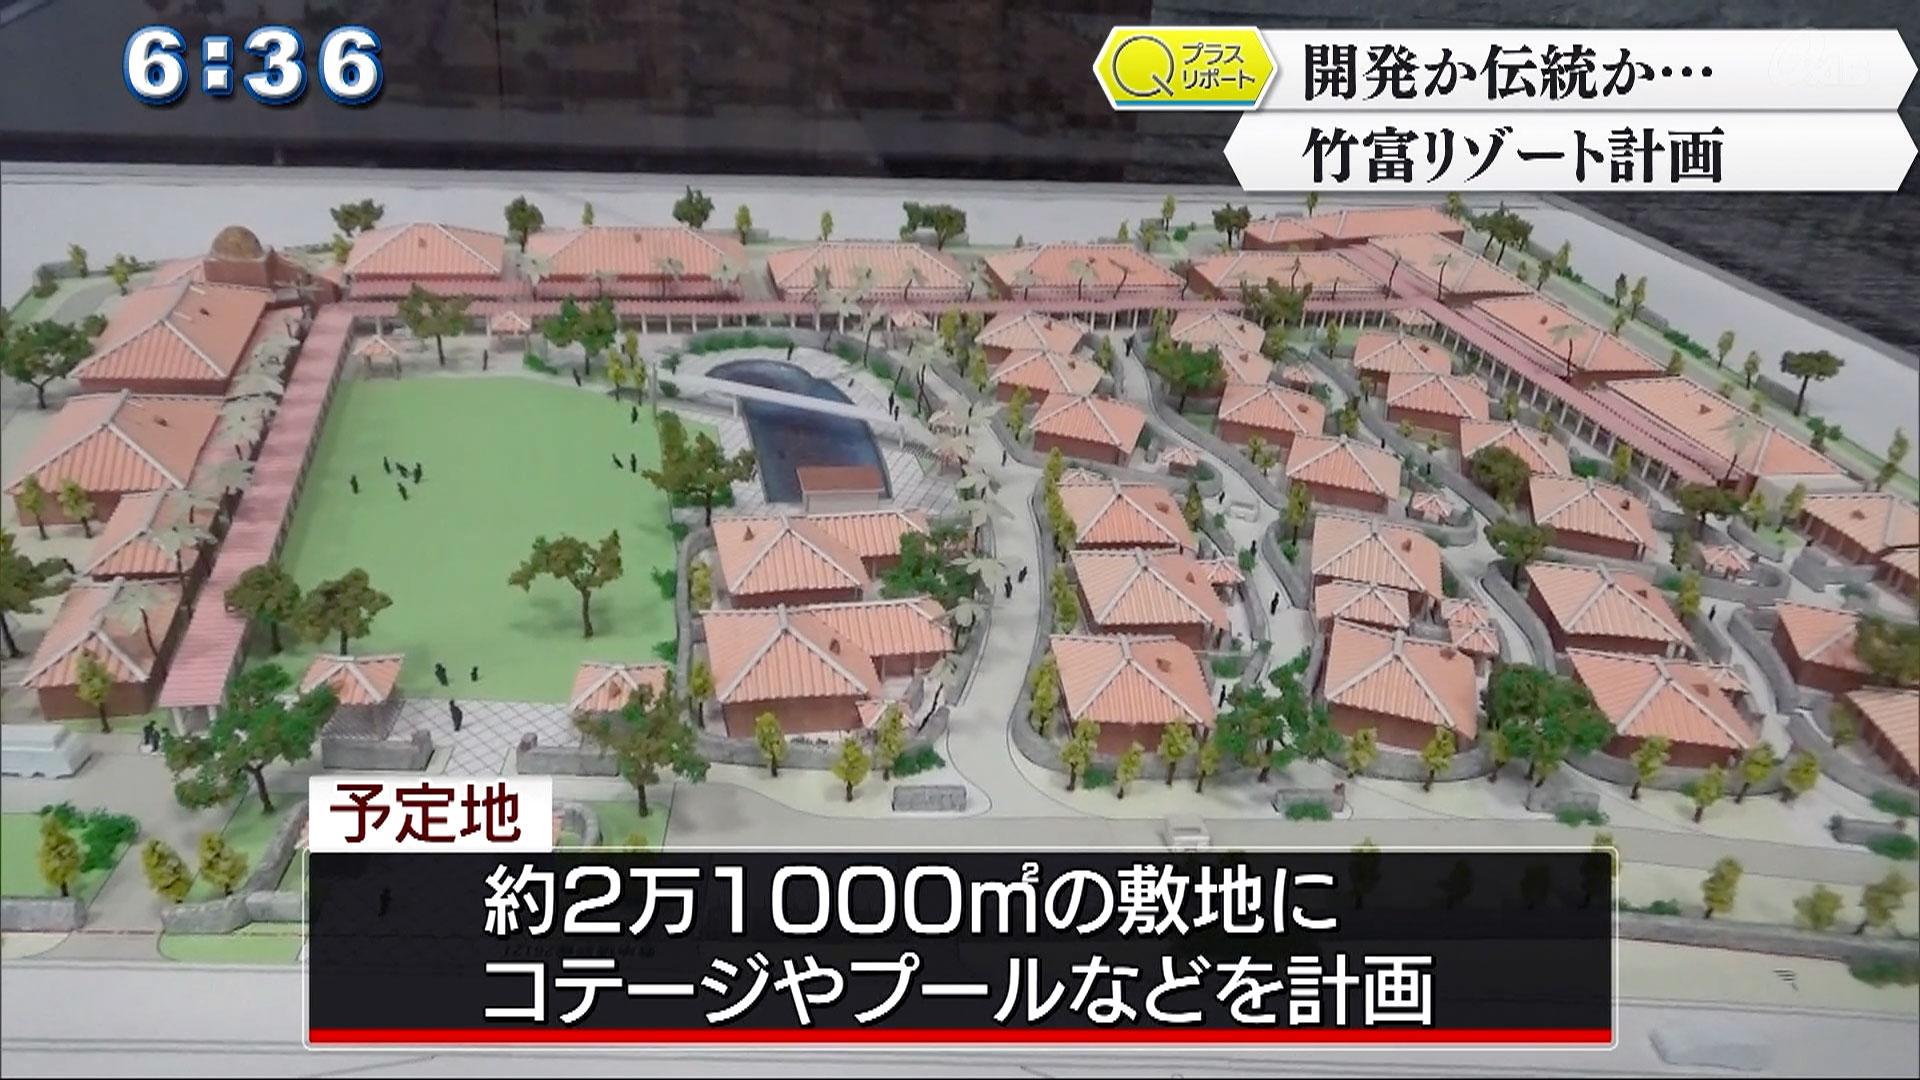 開発か伝統か 竹富島リゾートホテル建設